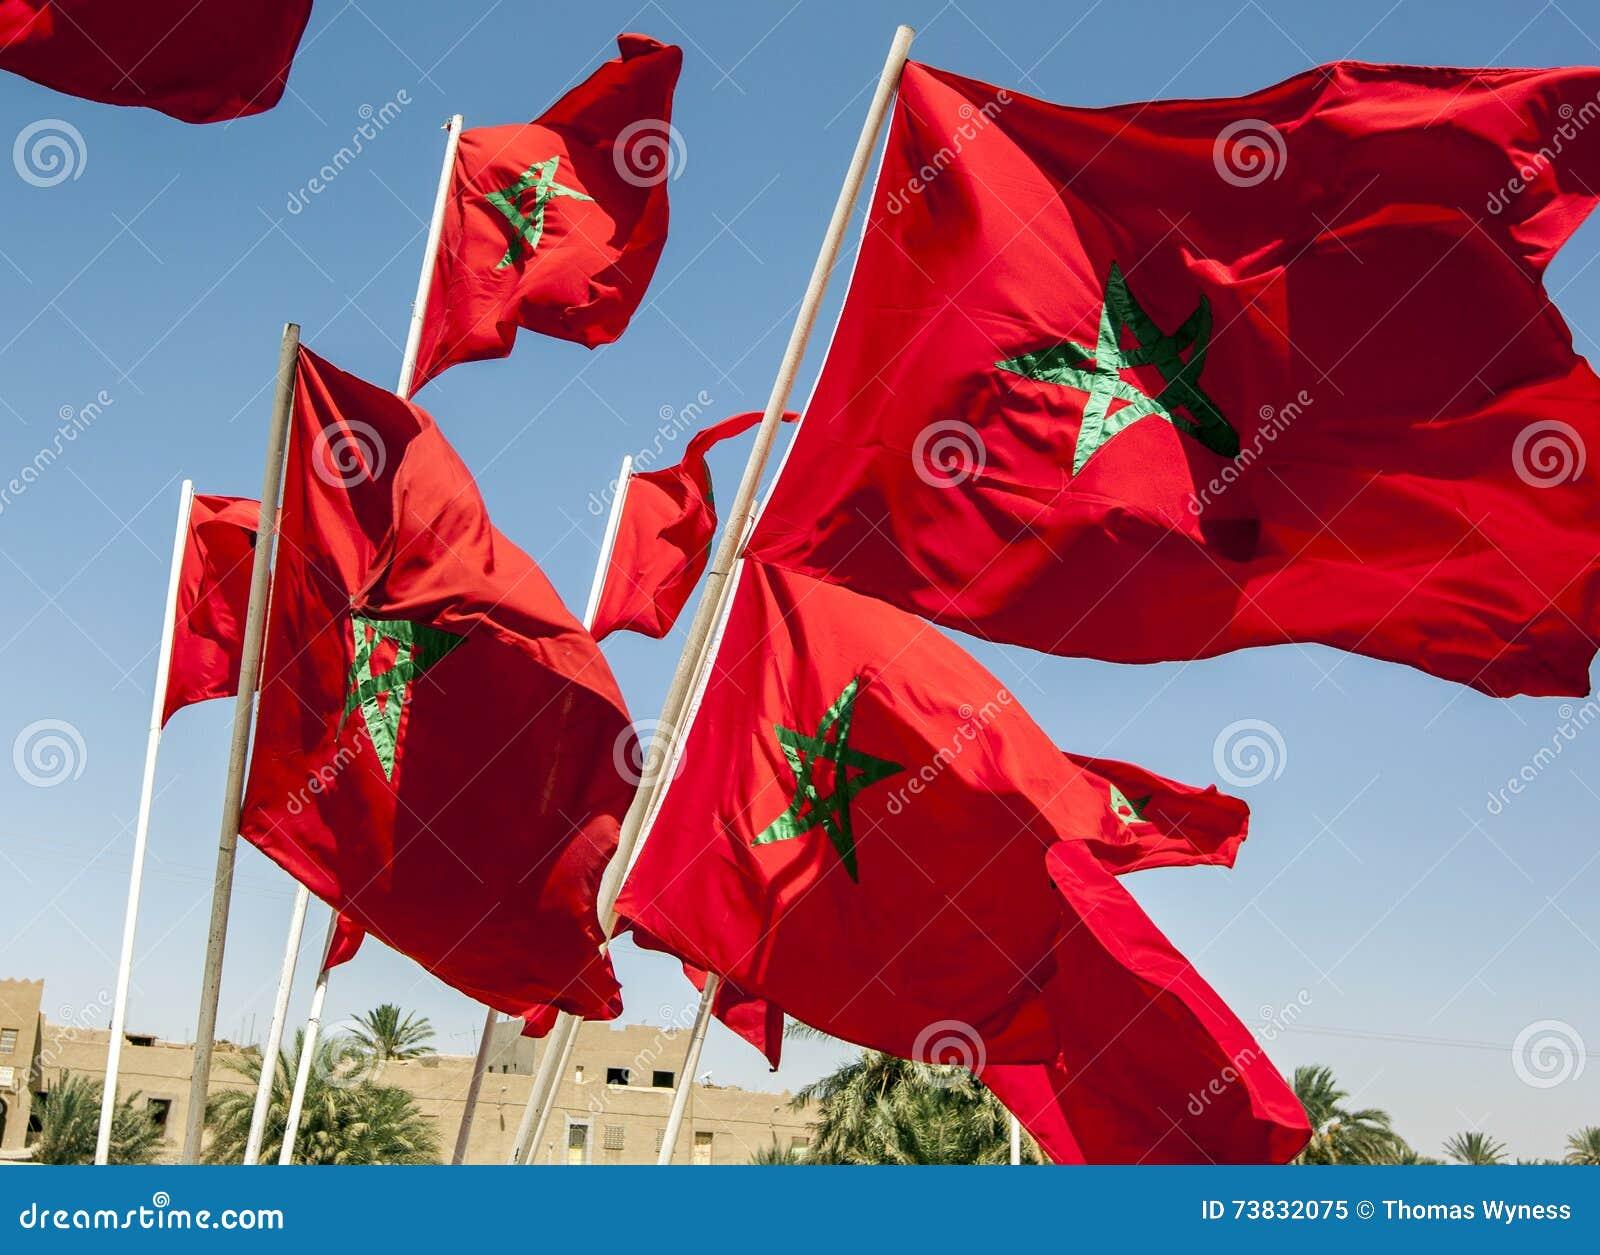 Που έβγαινε με κόκκινες σημαίες